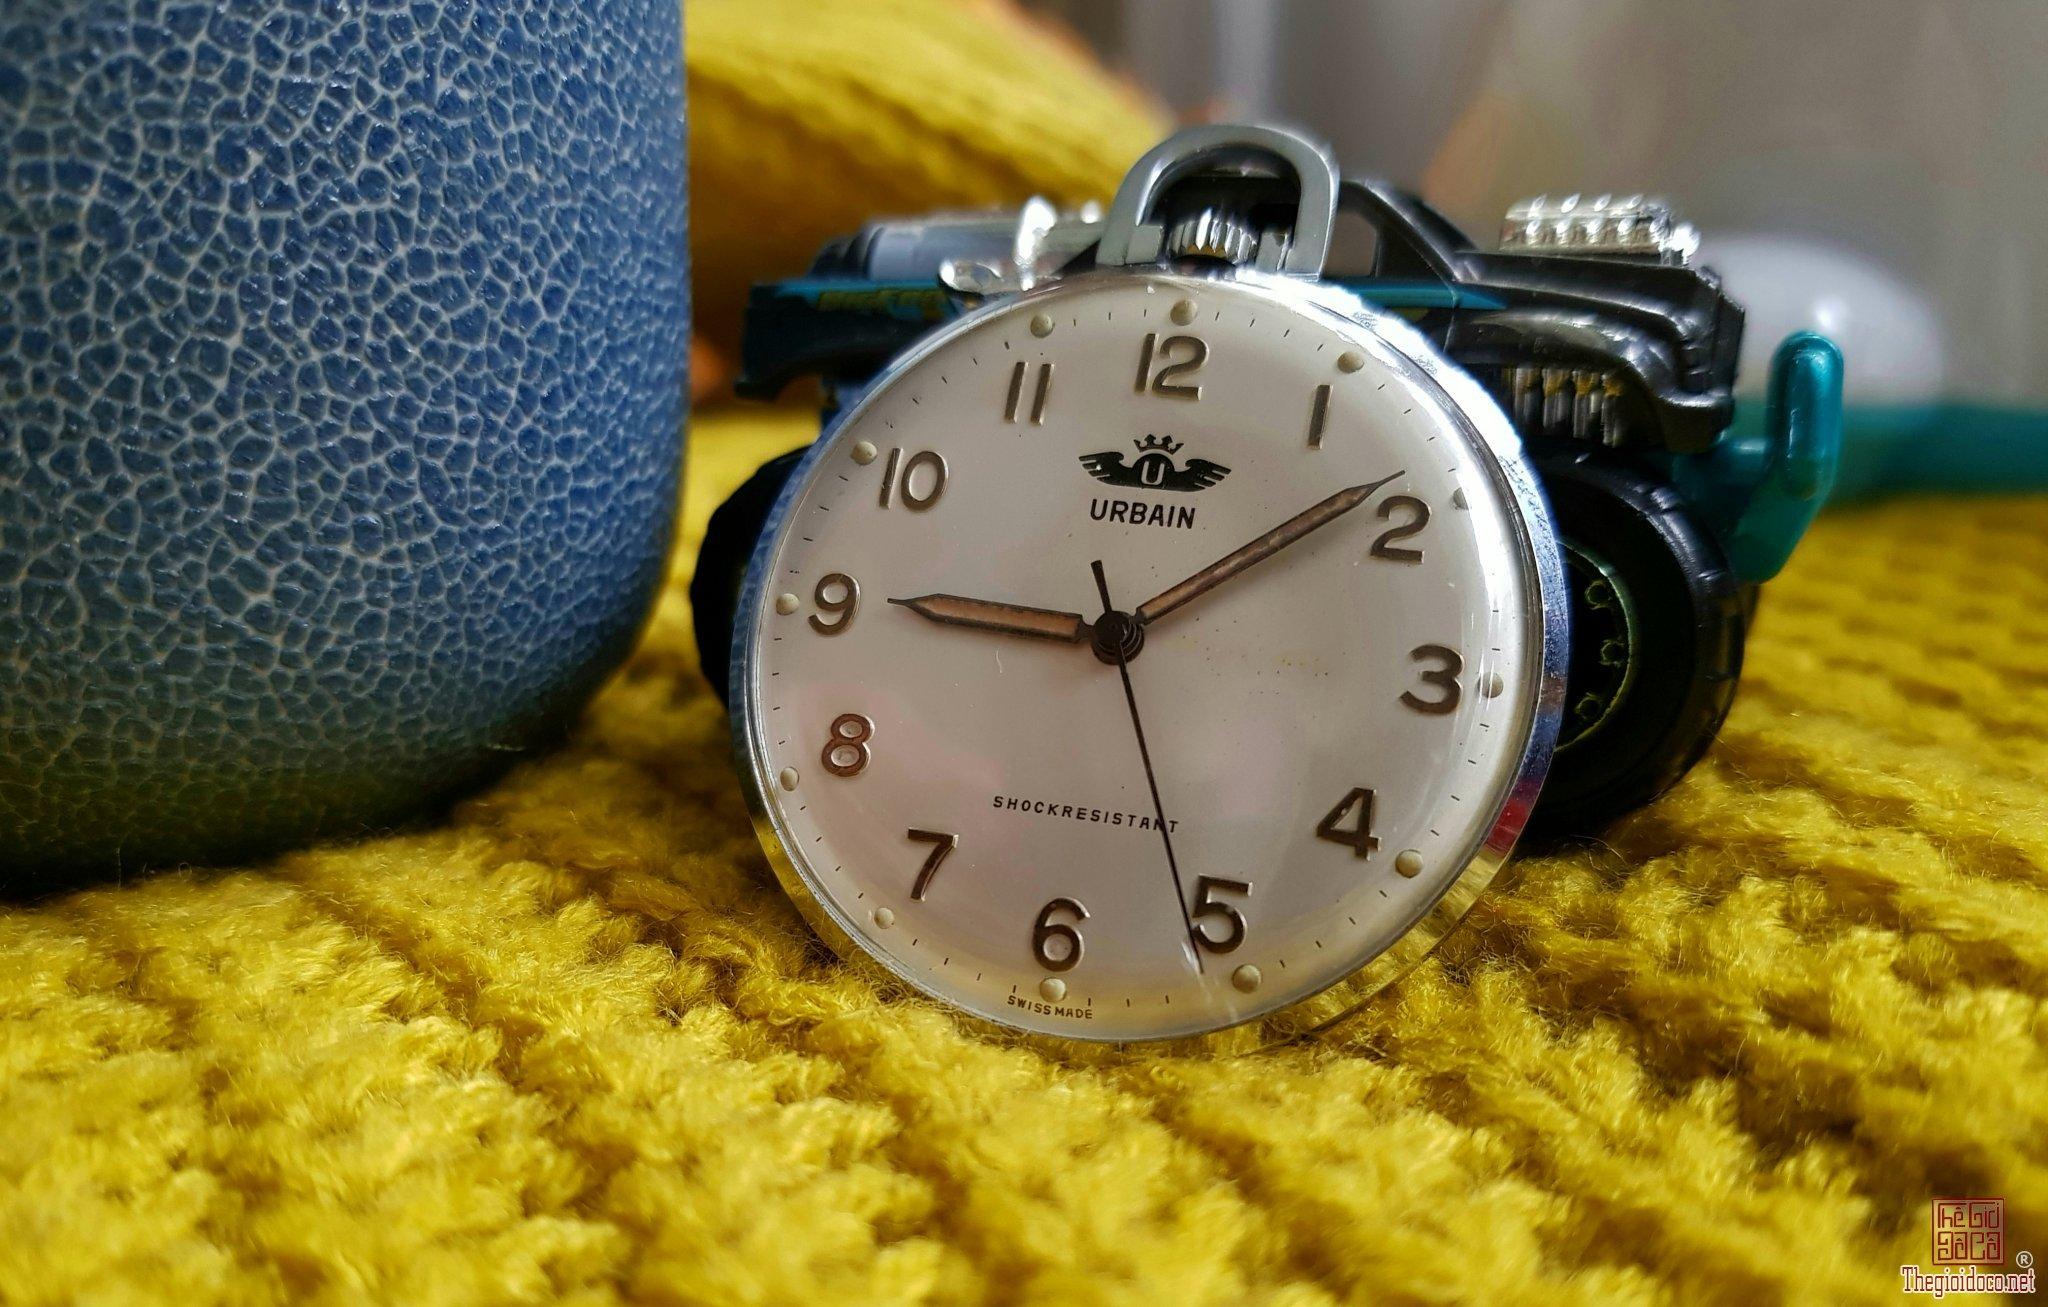 Đồng hồ quả quýt lên dây thụy sỹ cổ